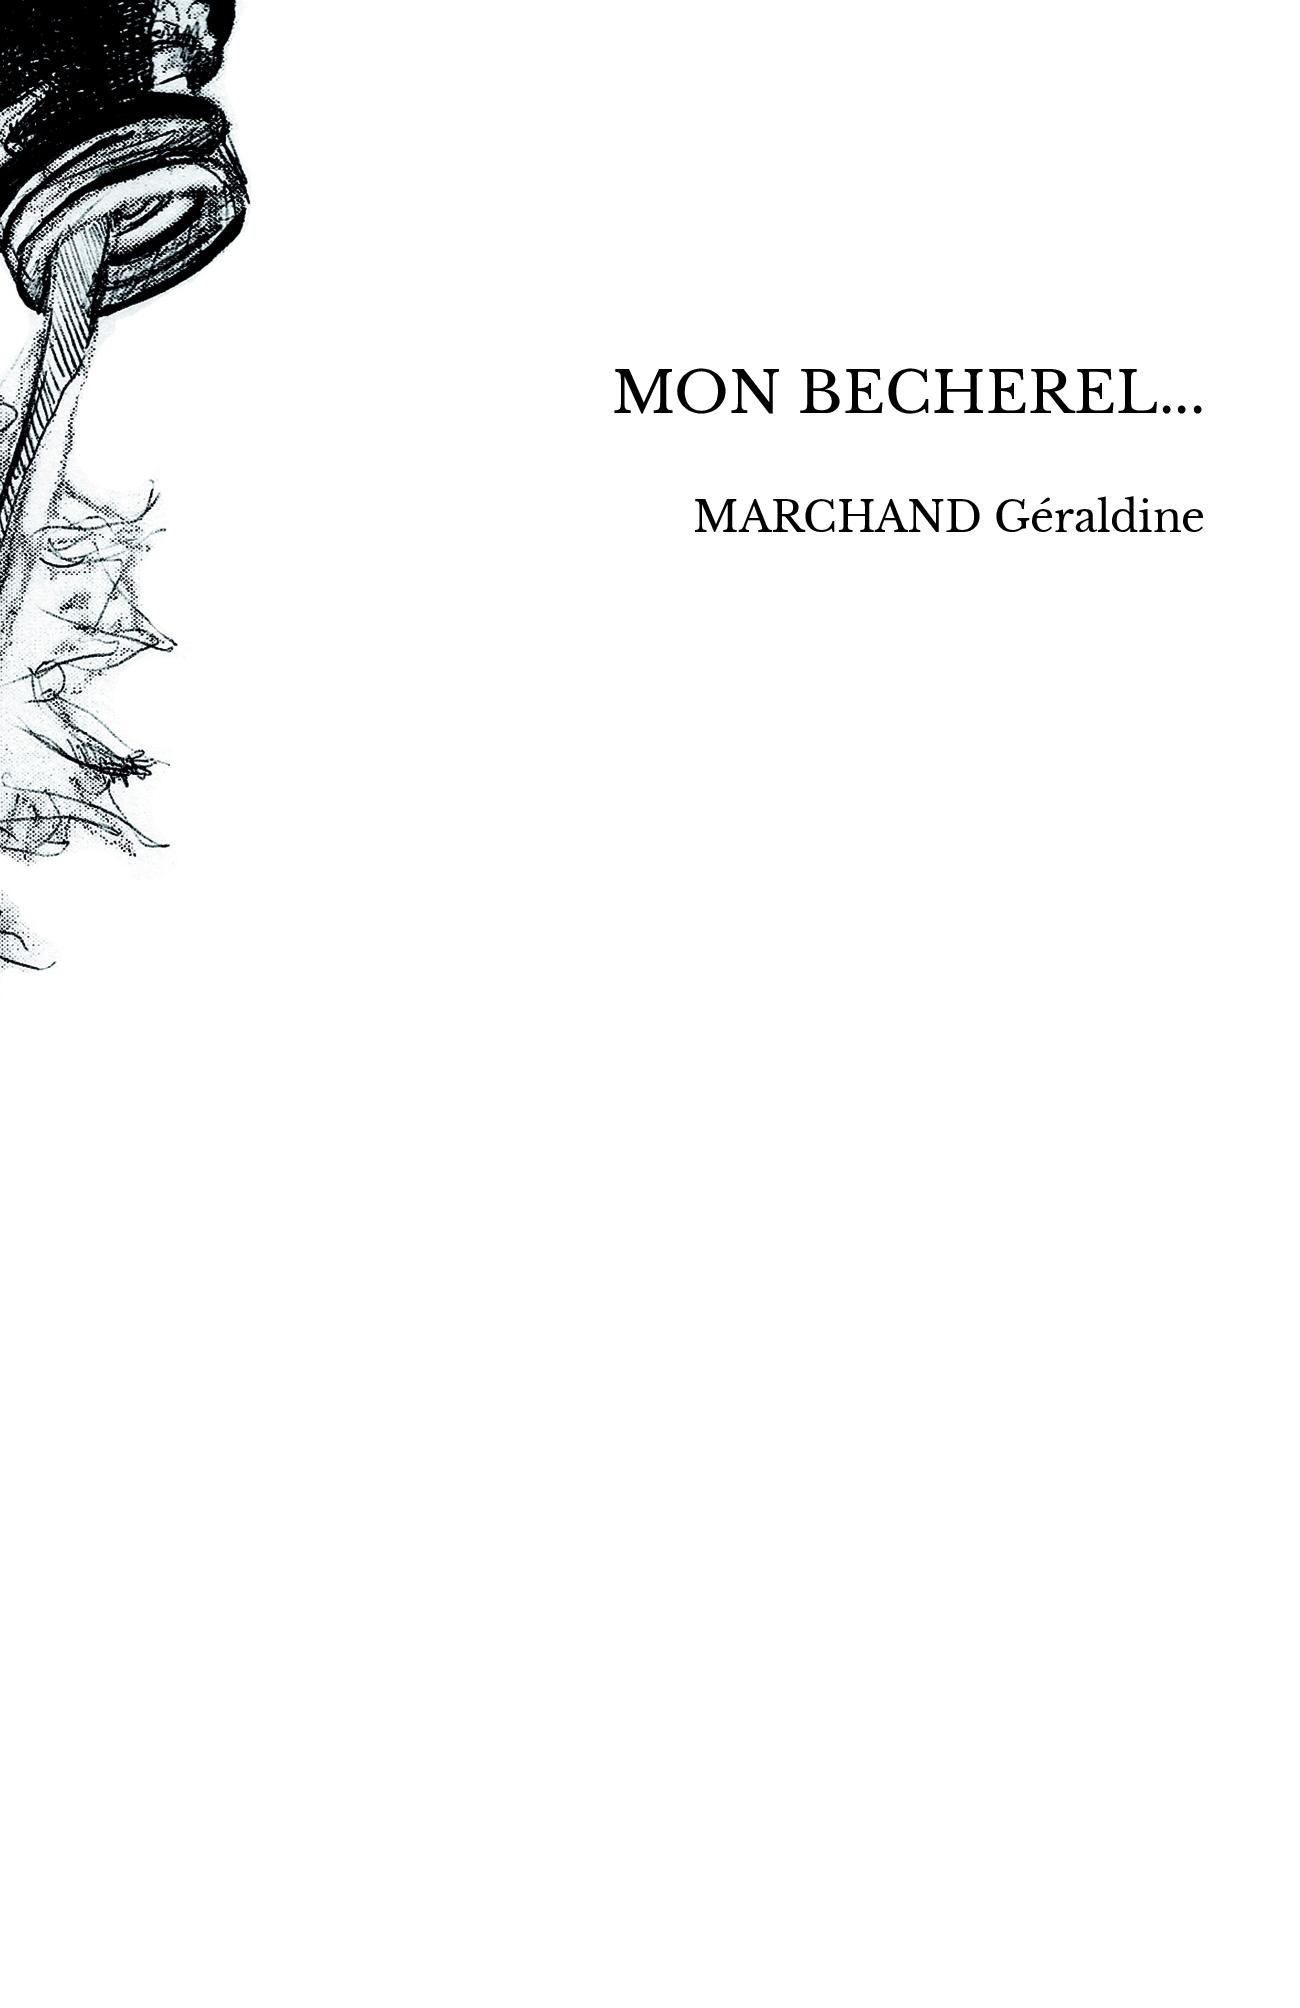 MON BECHEREL...